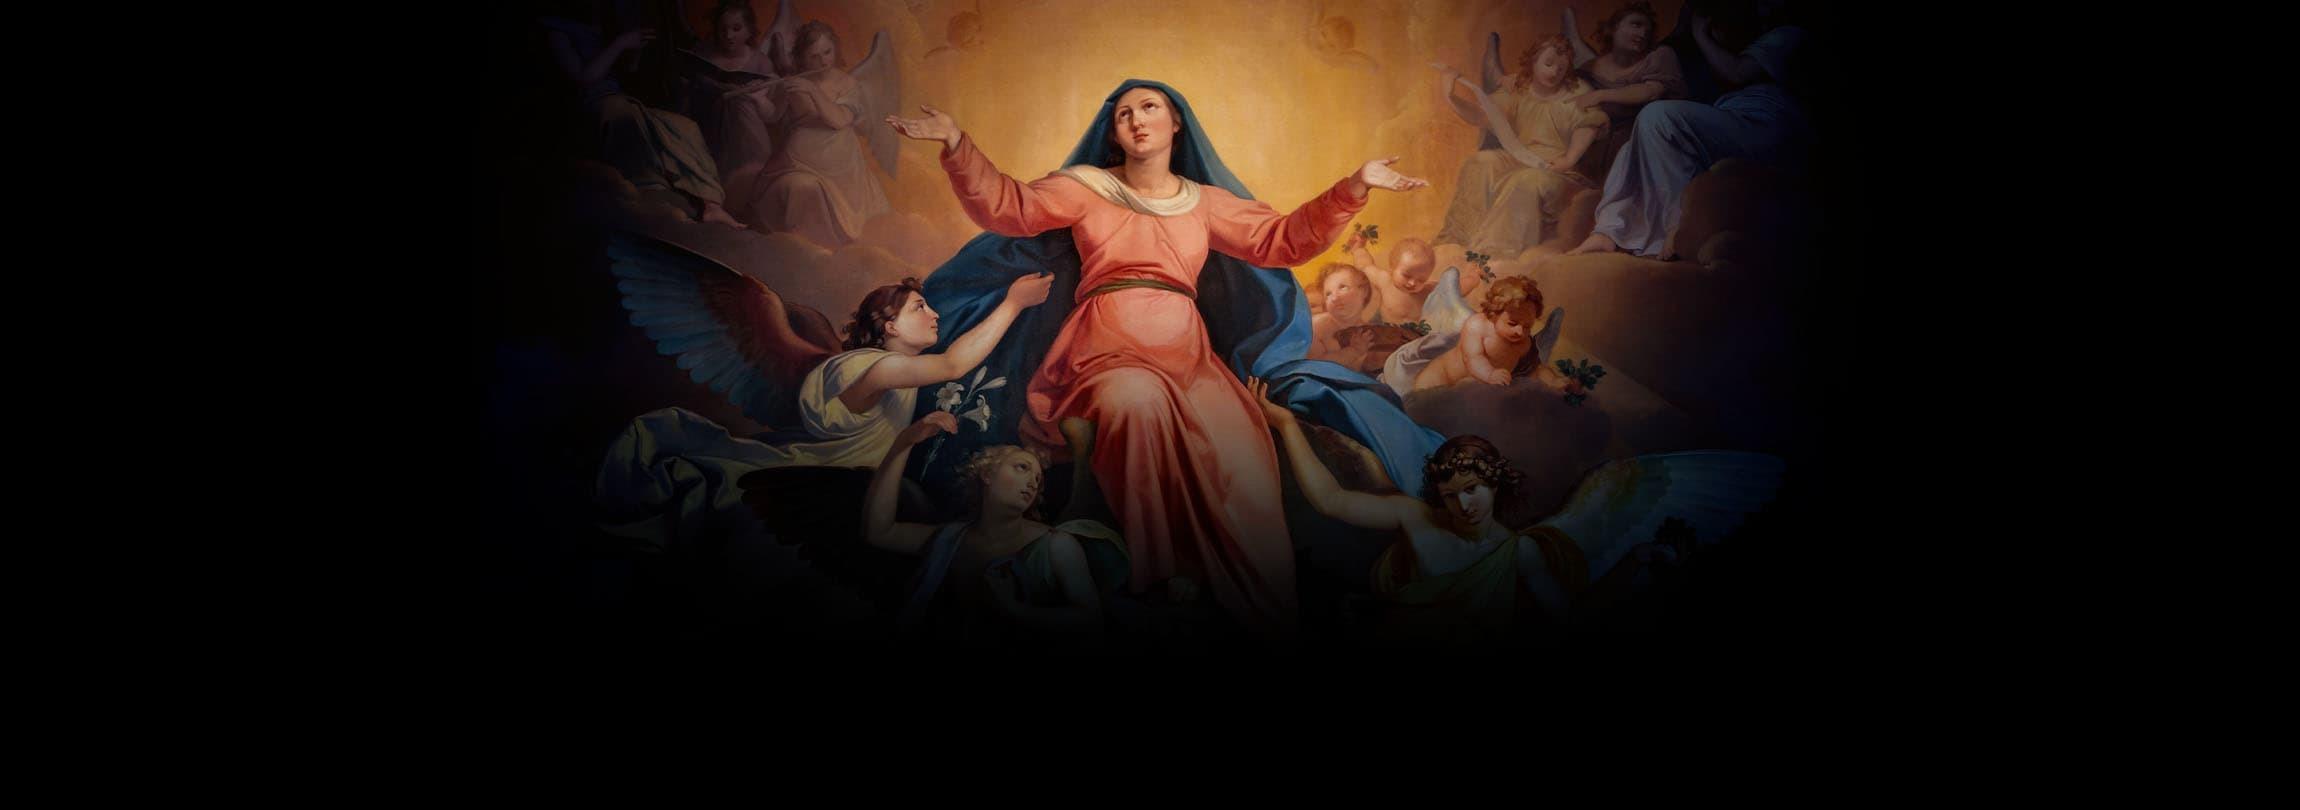 O que todo católico precisa saber sobre os anjos